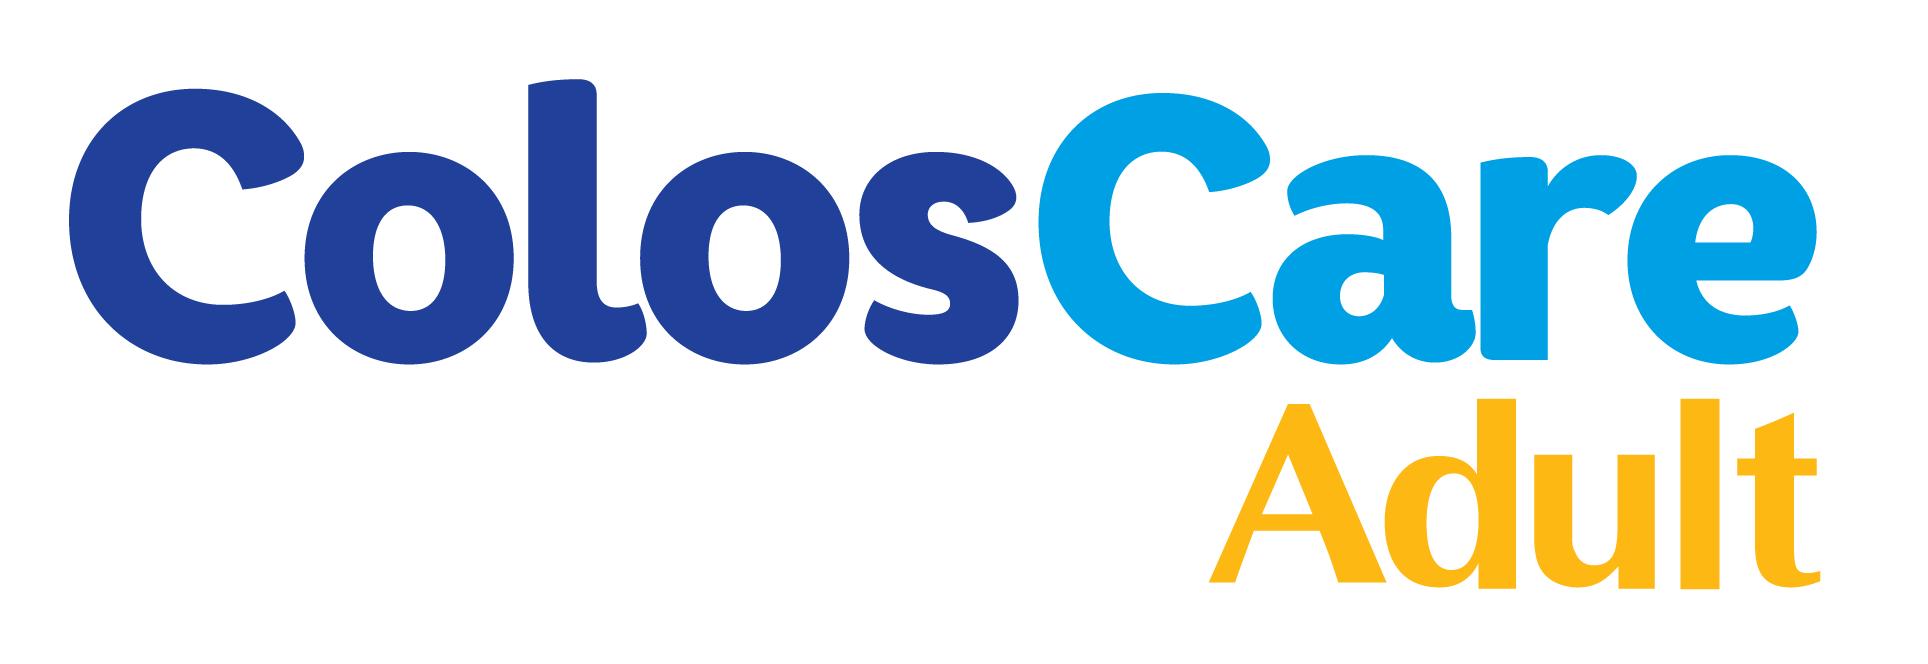 ColosCare Adult